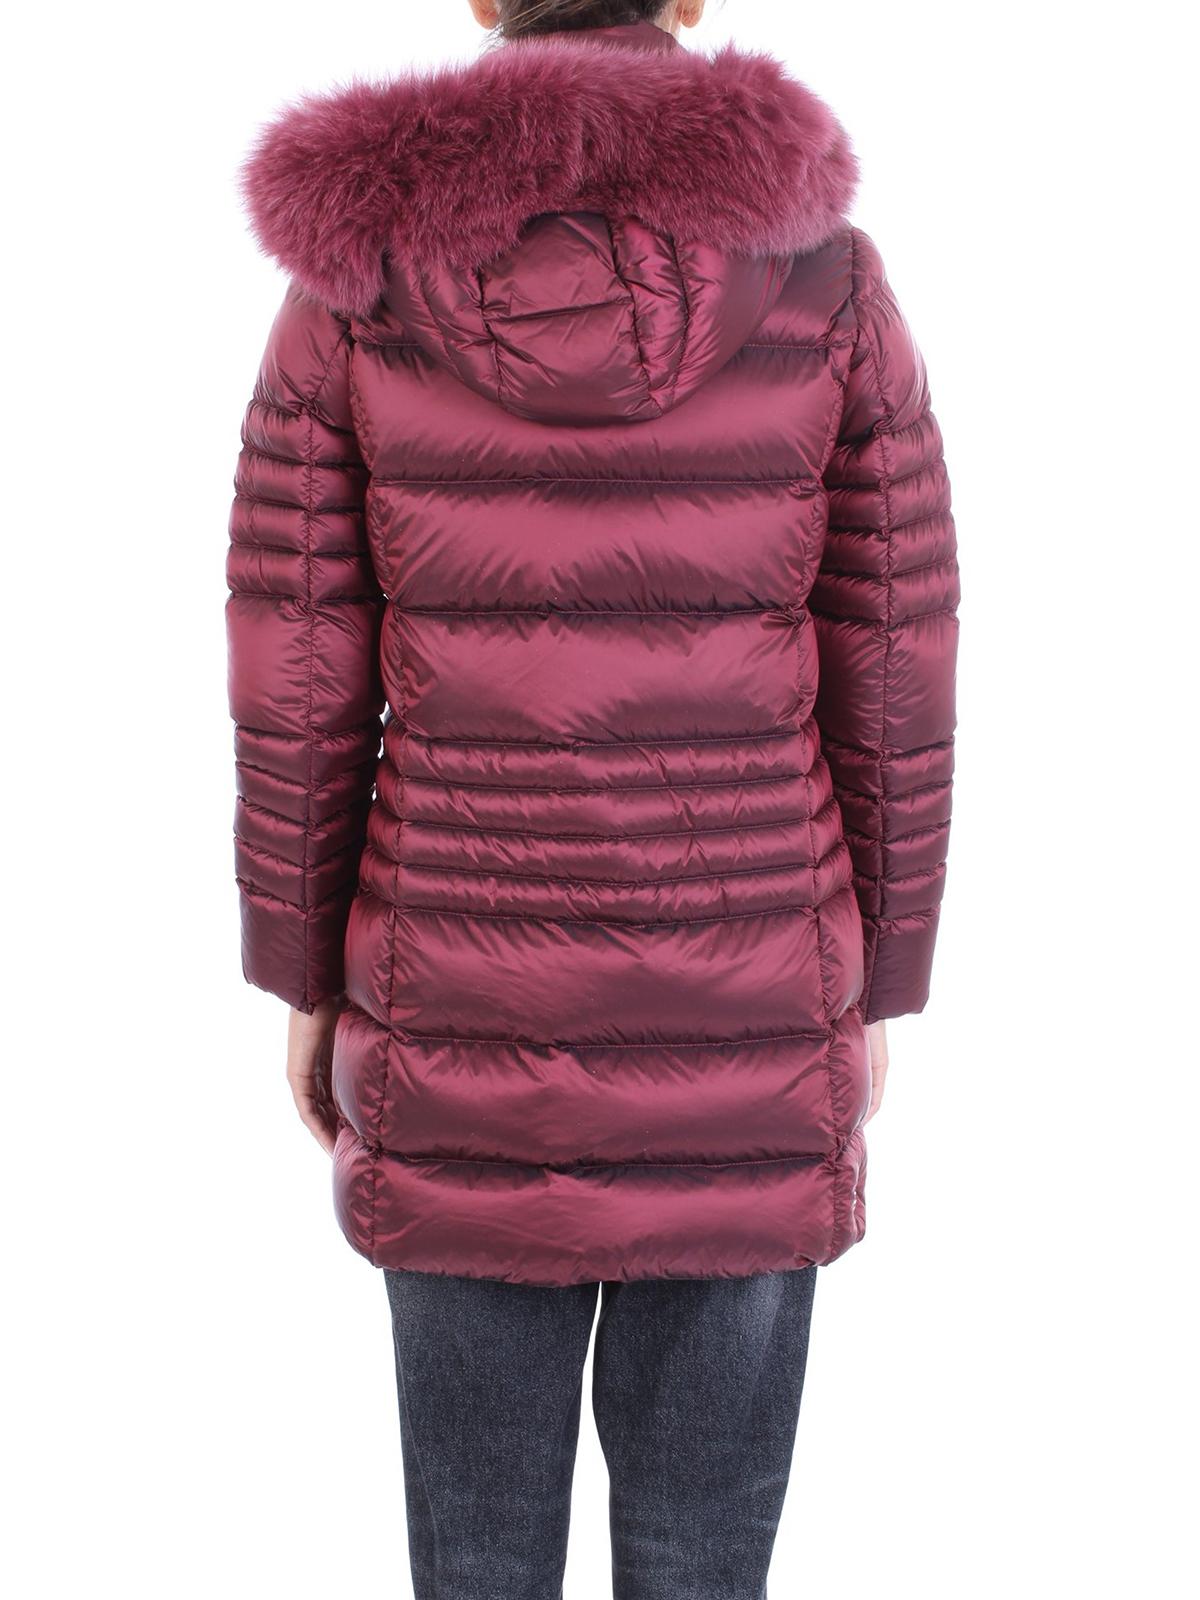 Colmar Originals Piumino lungo con cappuccio e pelliccia